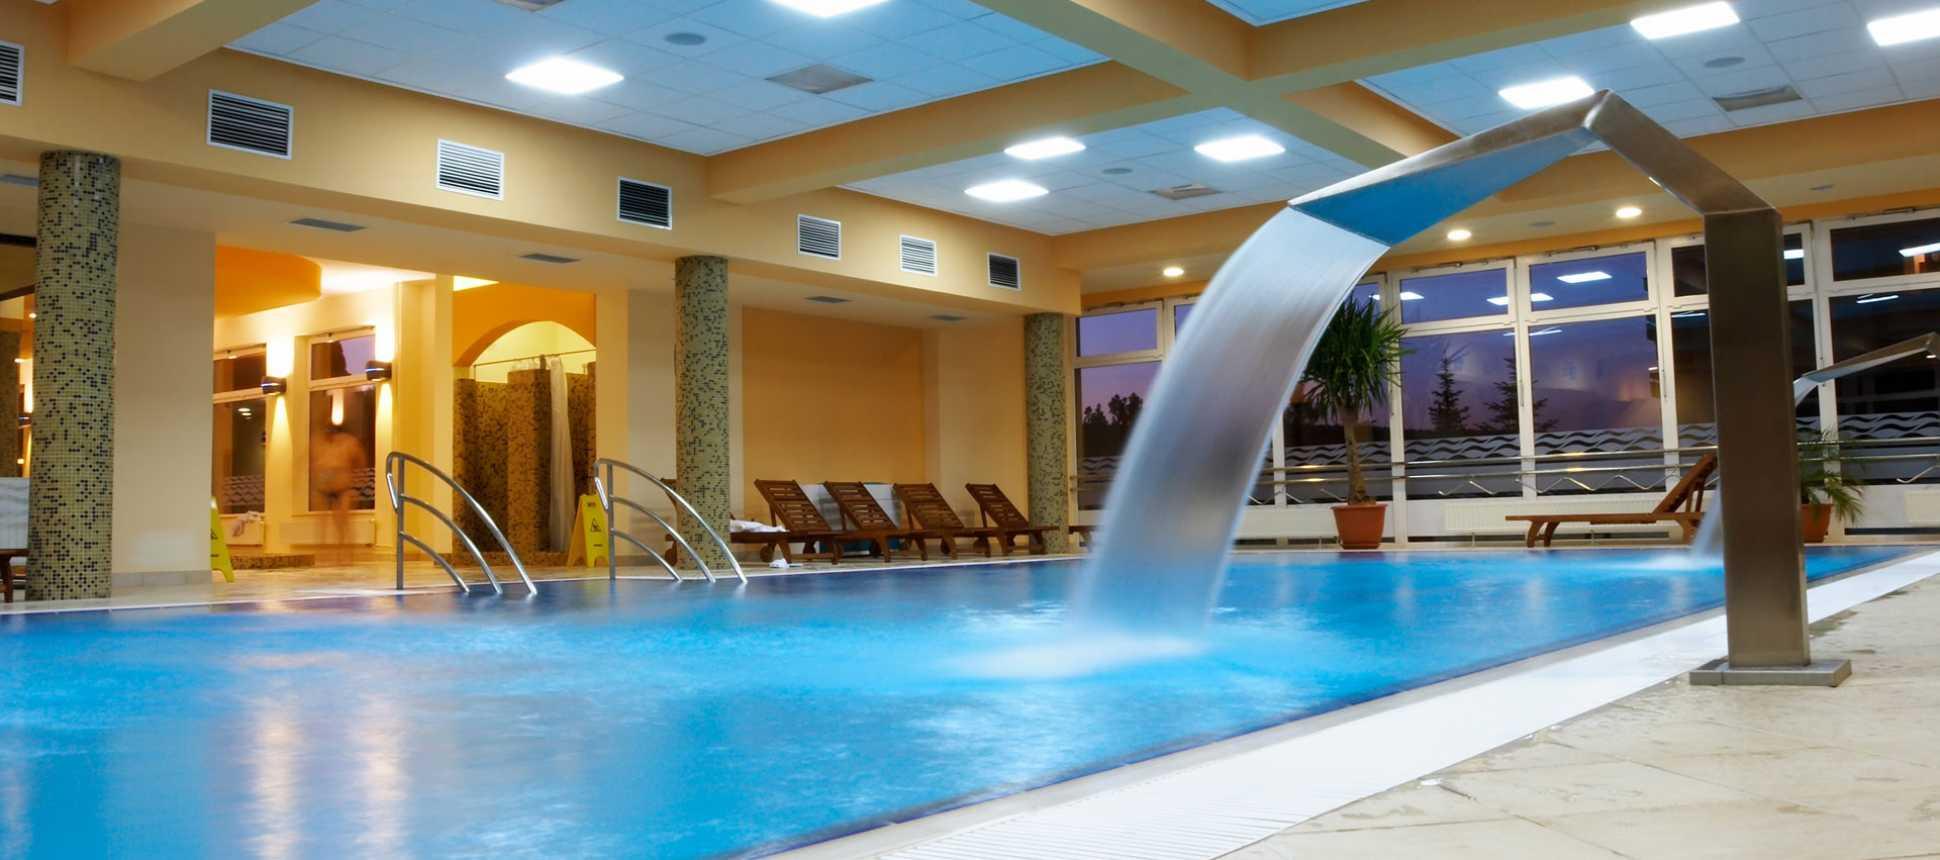 Öffentliche Schwimmbäder, Schwimmbadbau, Schwimmbadtechnik | AC ...